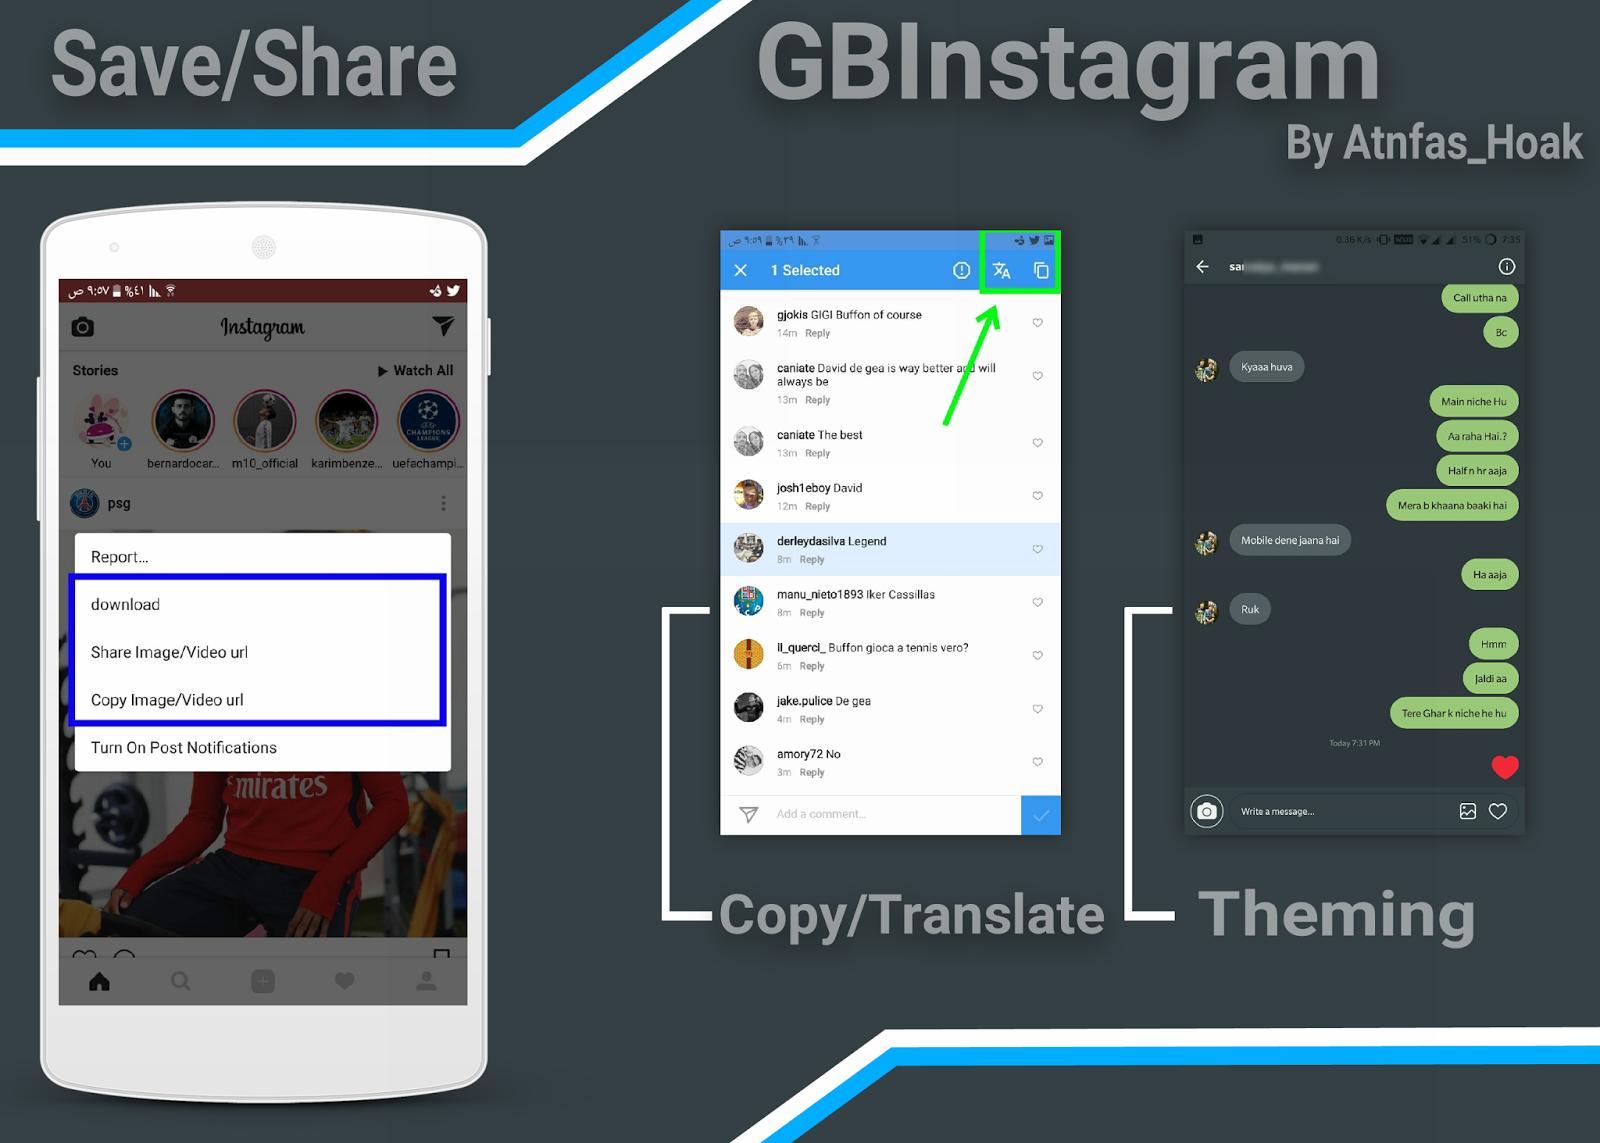 GB Instagram v1 20 [ Latest Version ] - Insta+ & GBInsta